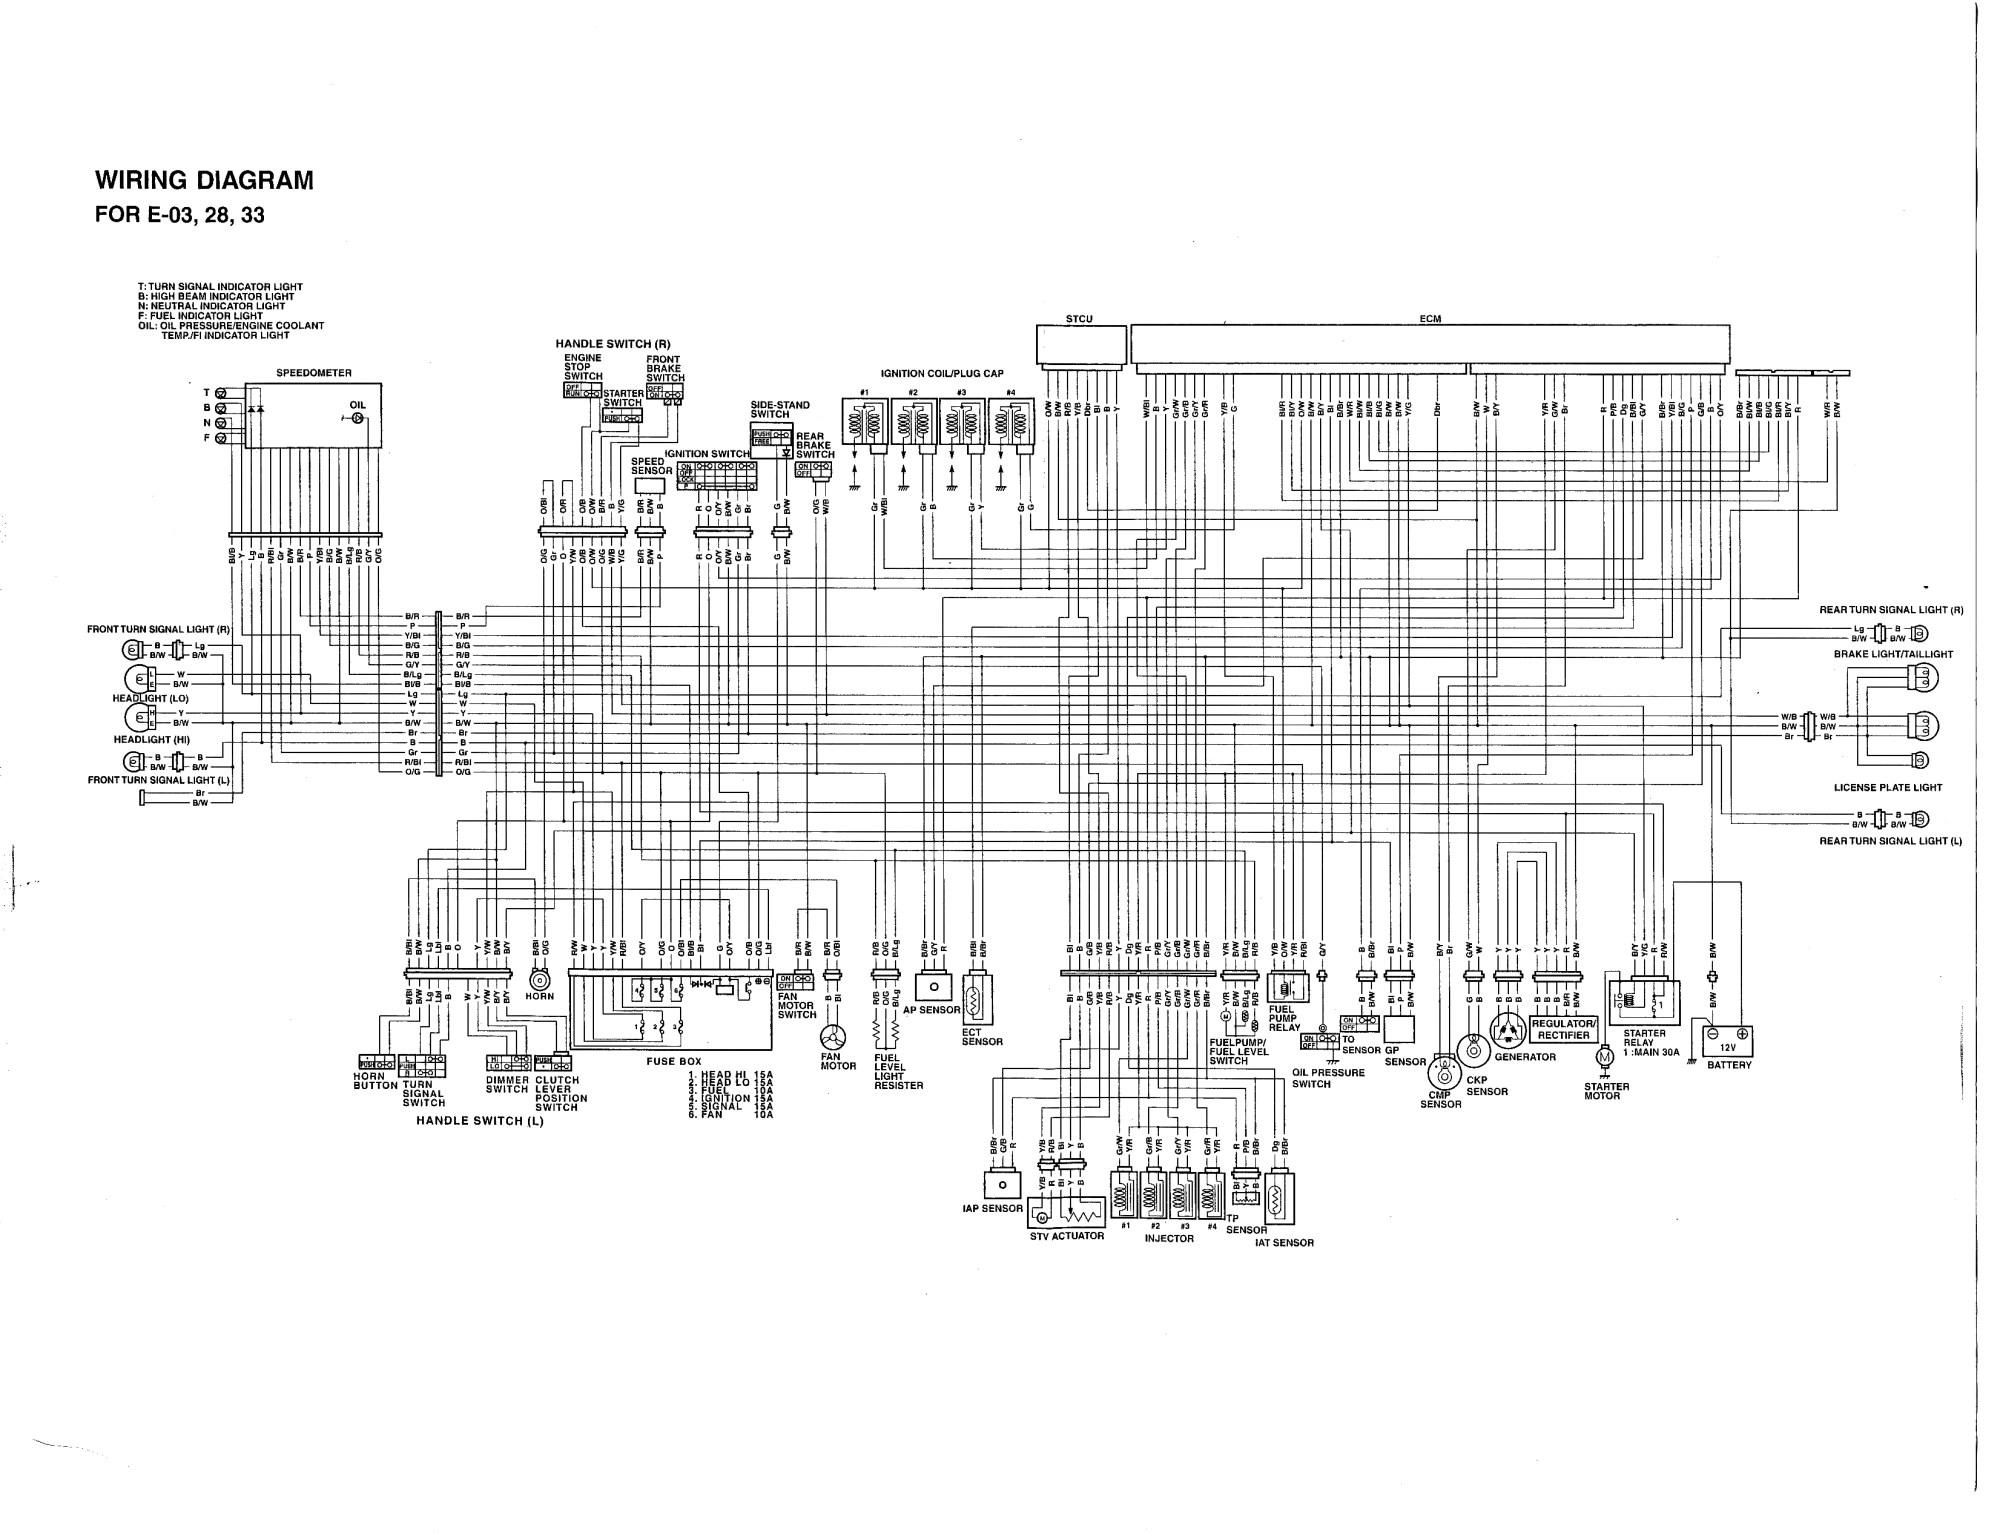 hight resolution of 2007 suzuki 750 wire diagram wiring diagram todays rh 14 3 10 1813weddingbarn com 1996 suzuki 750 suzuki gsx r 750